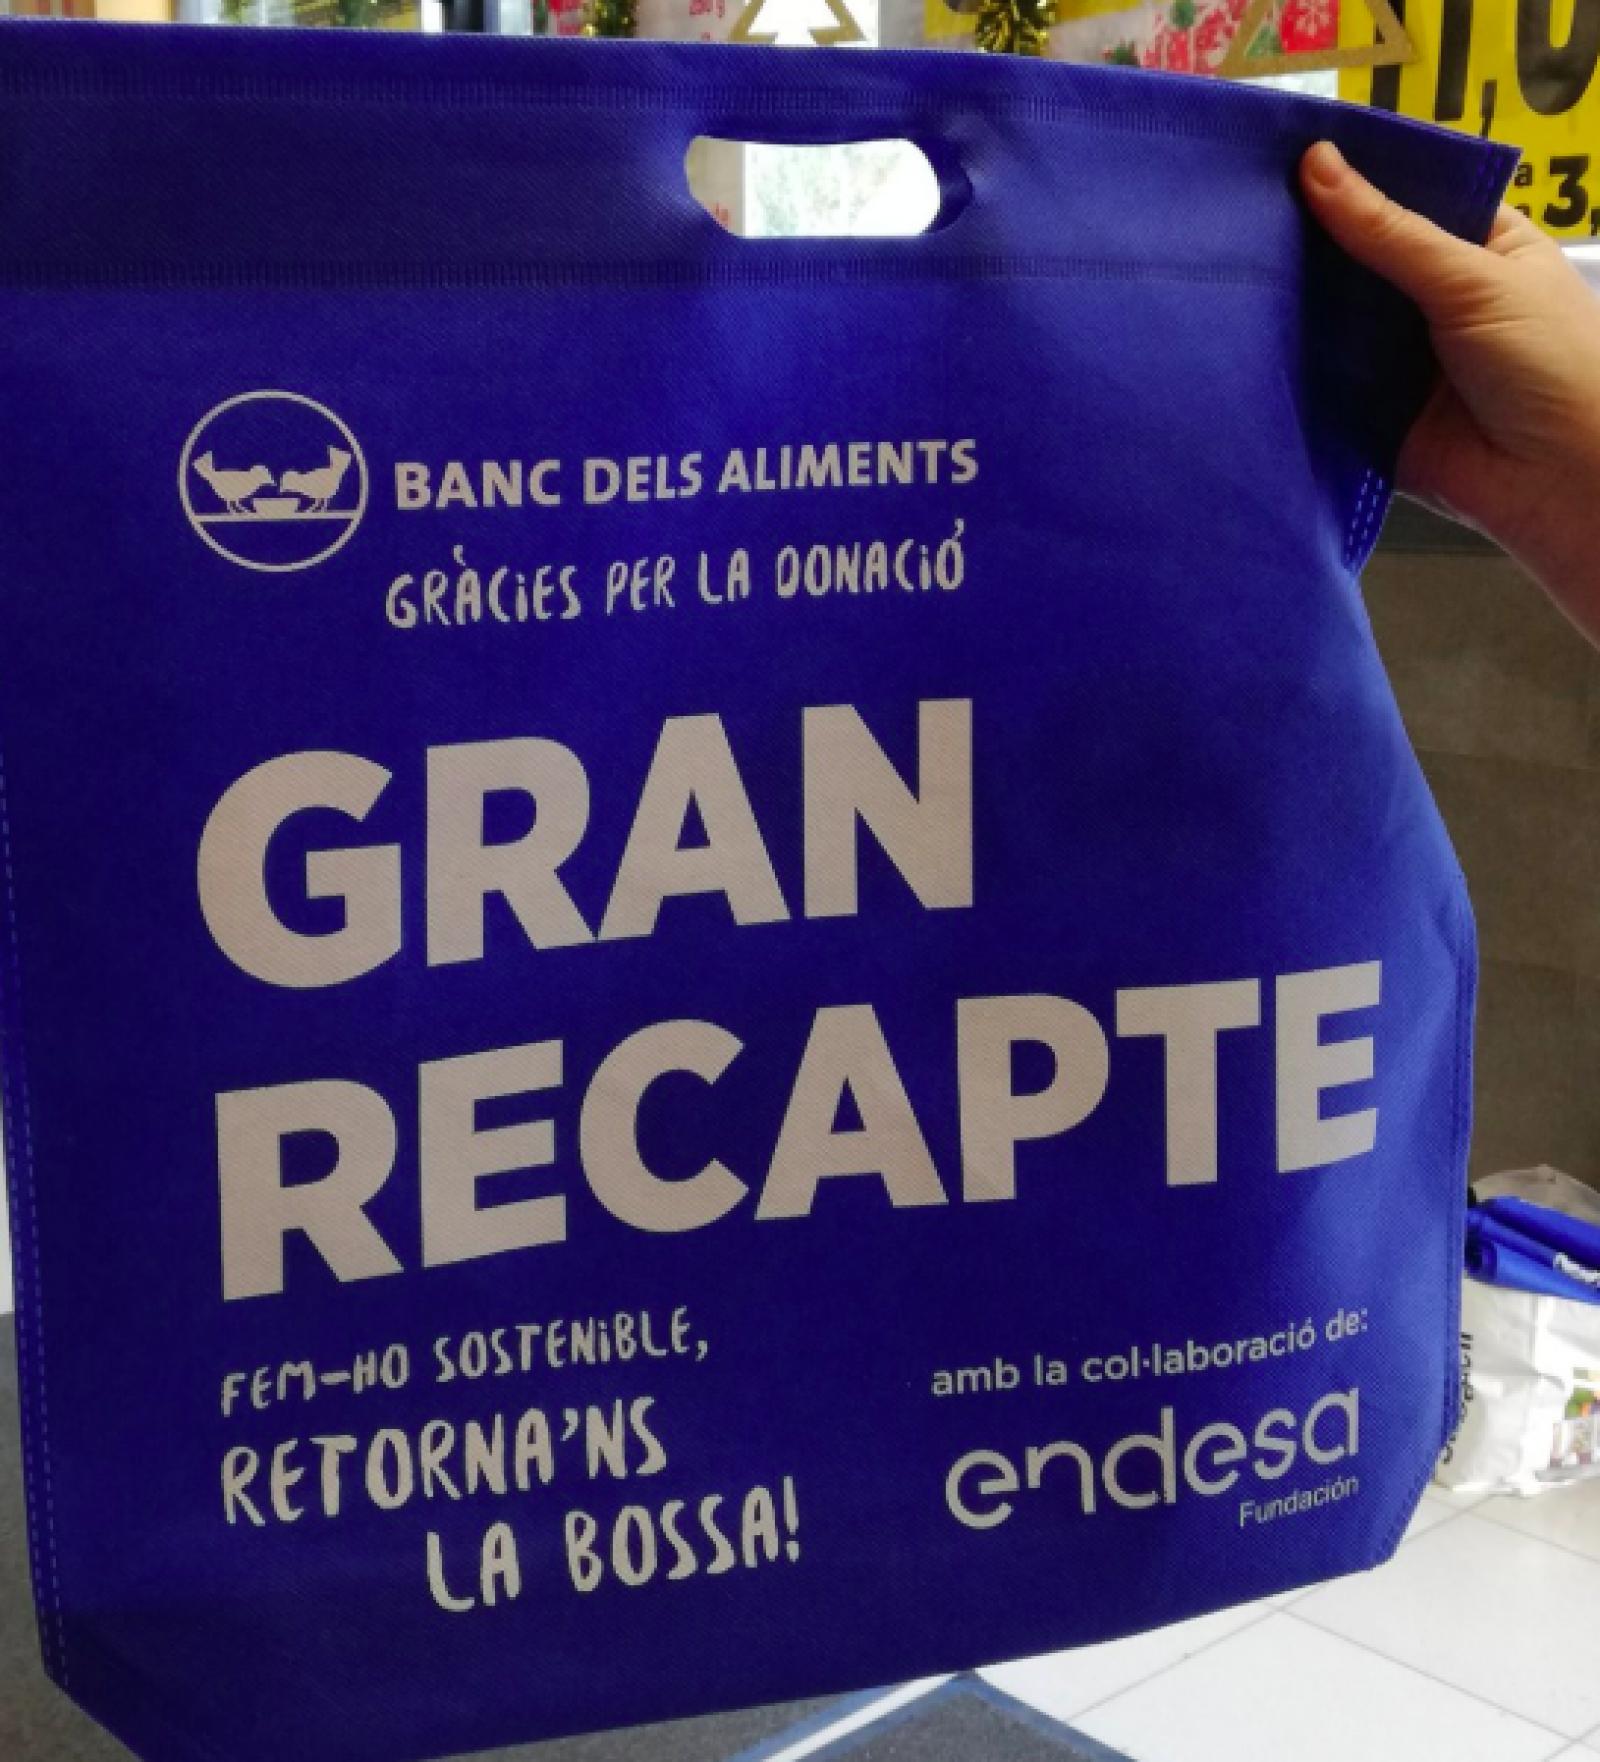 Les bosses noves del Gran Recapte 2018 que són reutilitzables